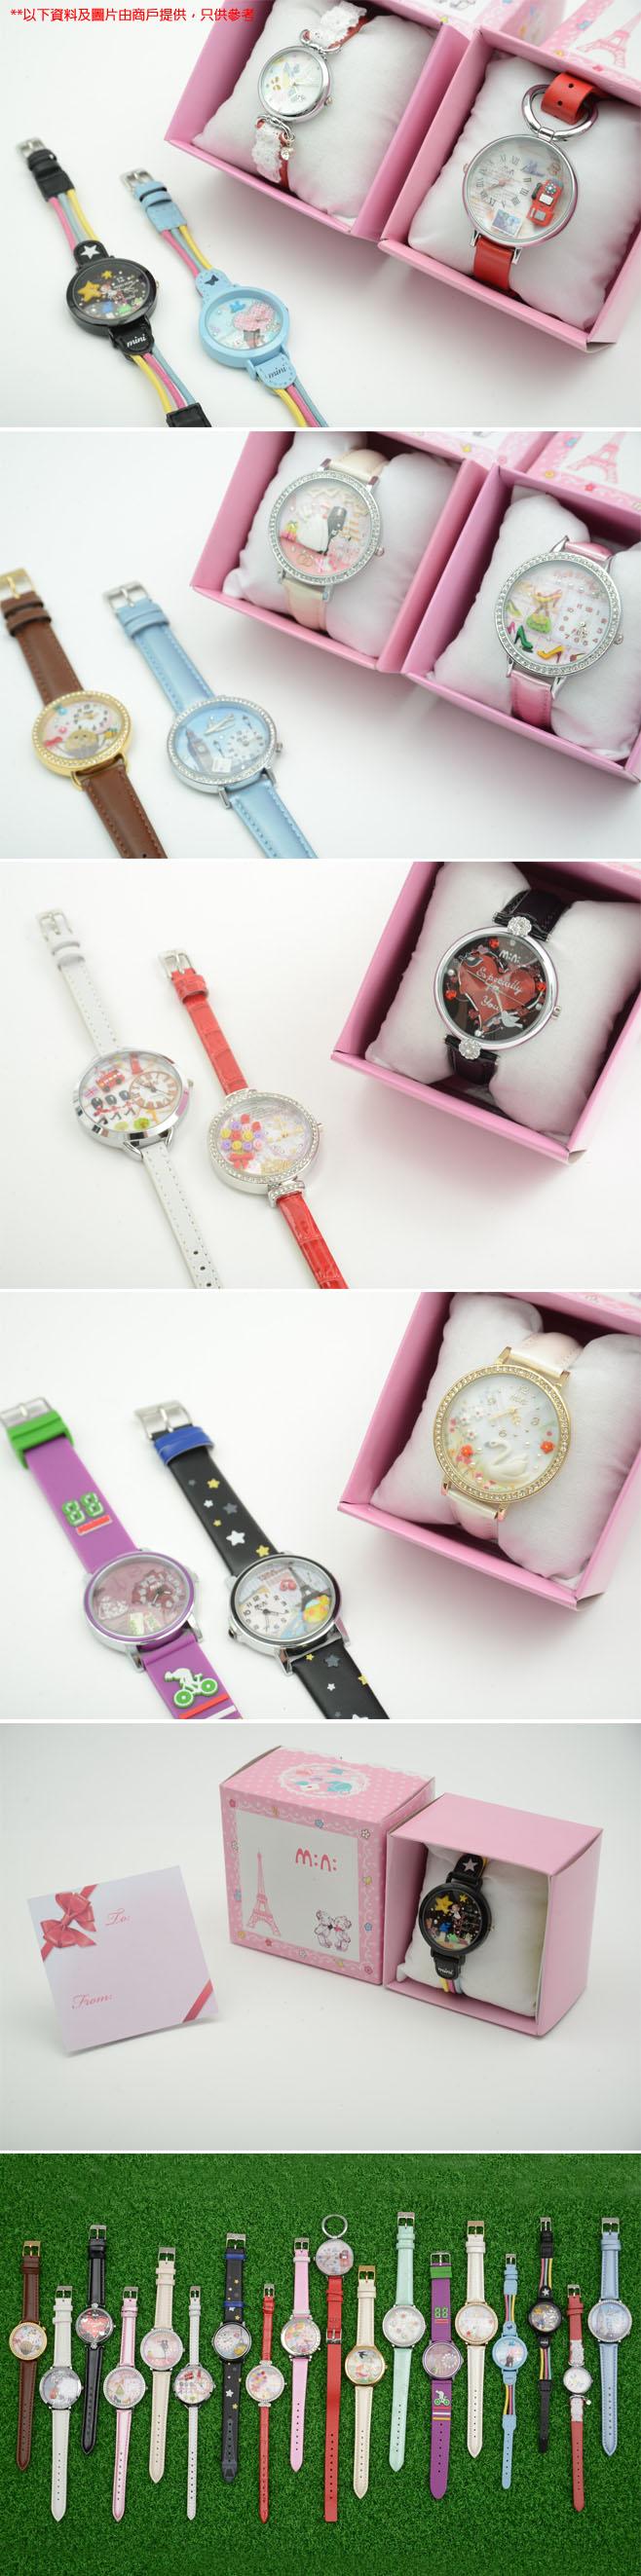 [Pilotage 派樂團購]彩陶錶盤手錶